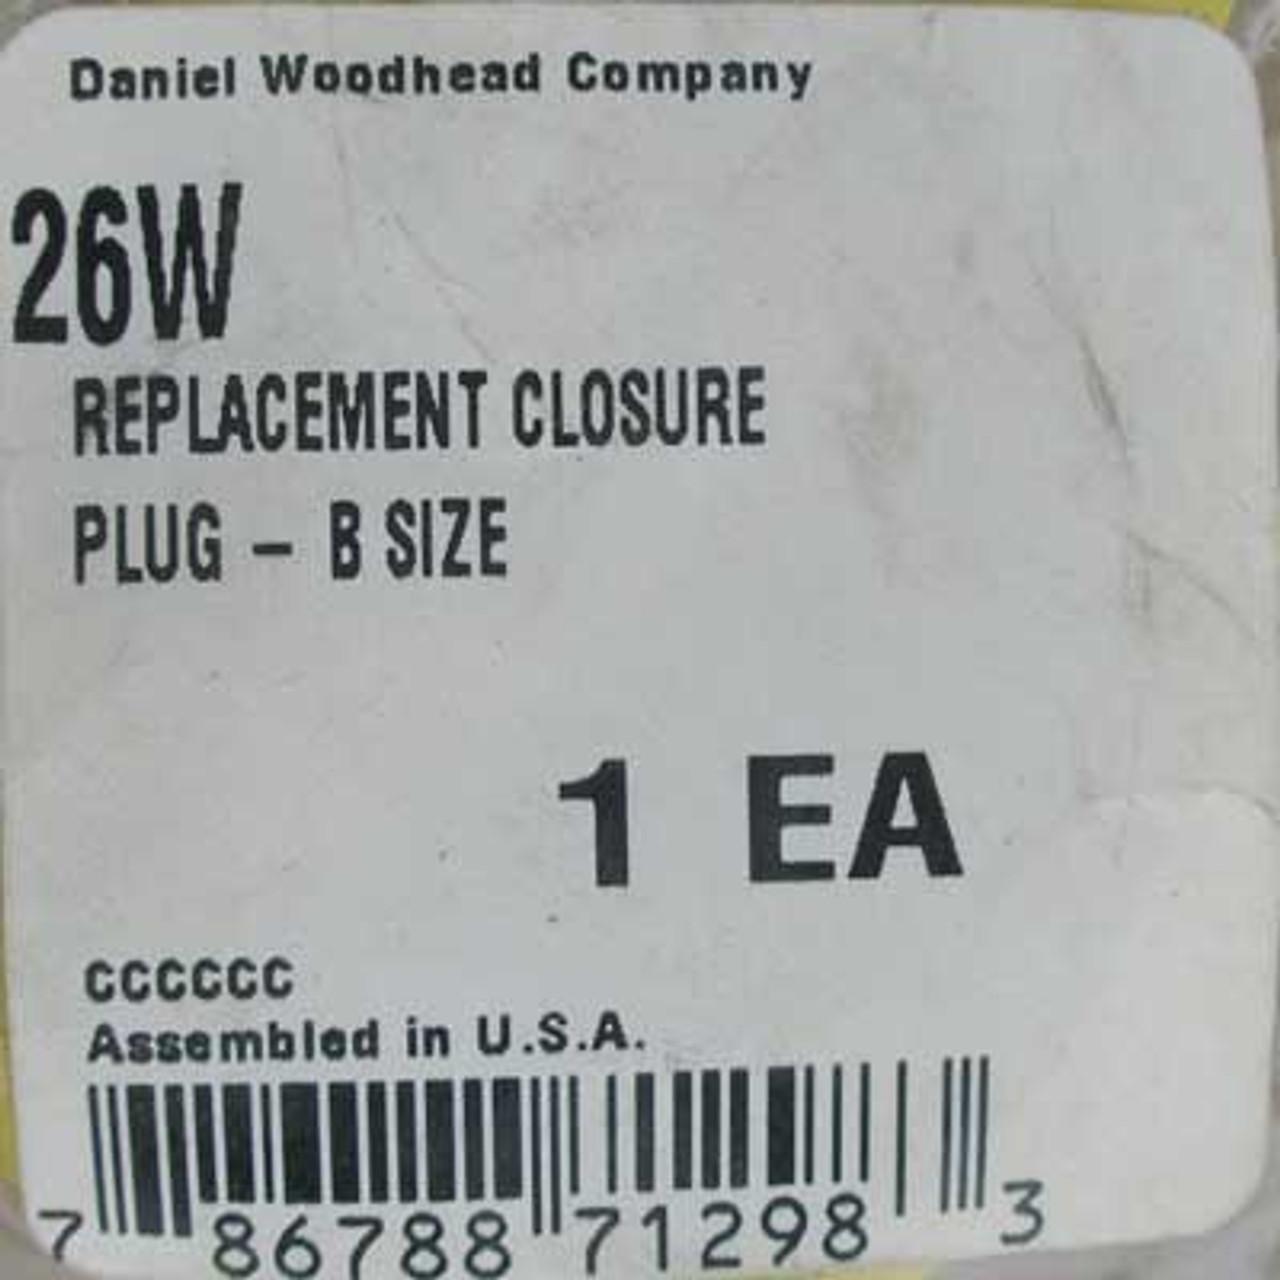 Daniel Woodhead 26W Replacement Closure Plug - B Size